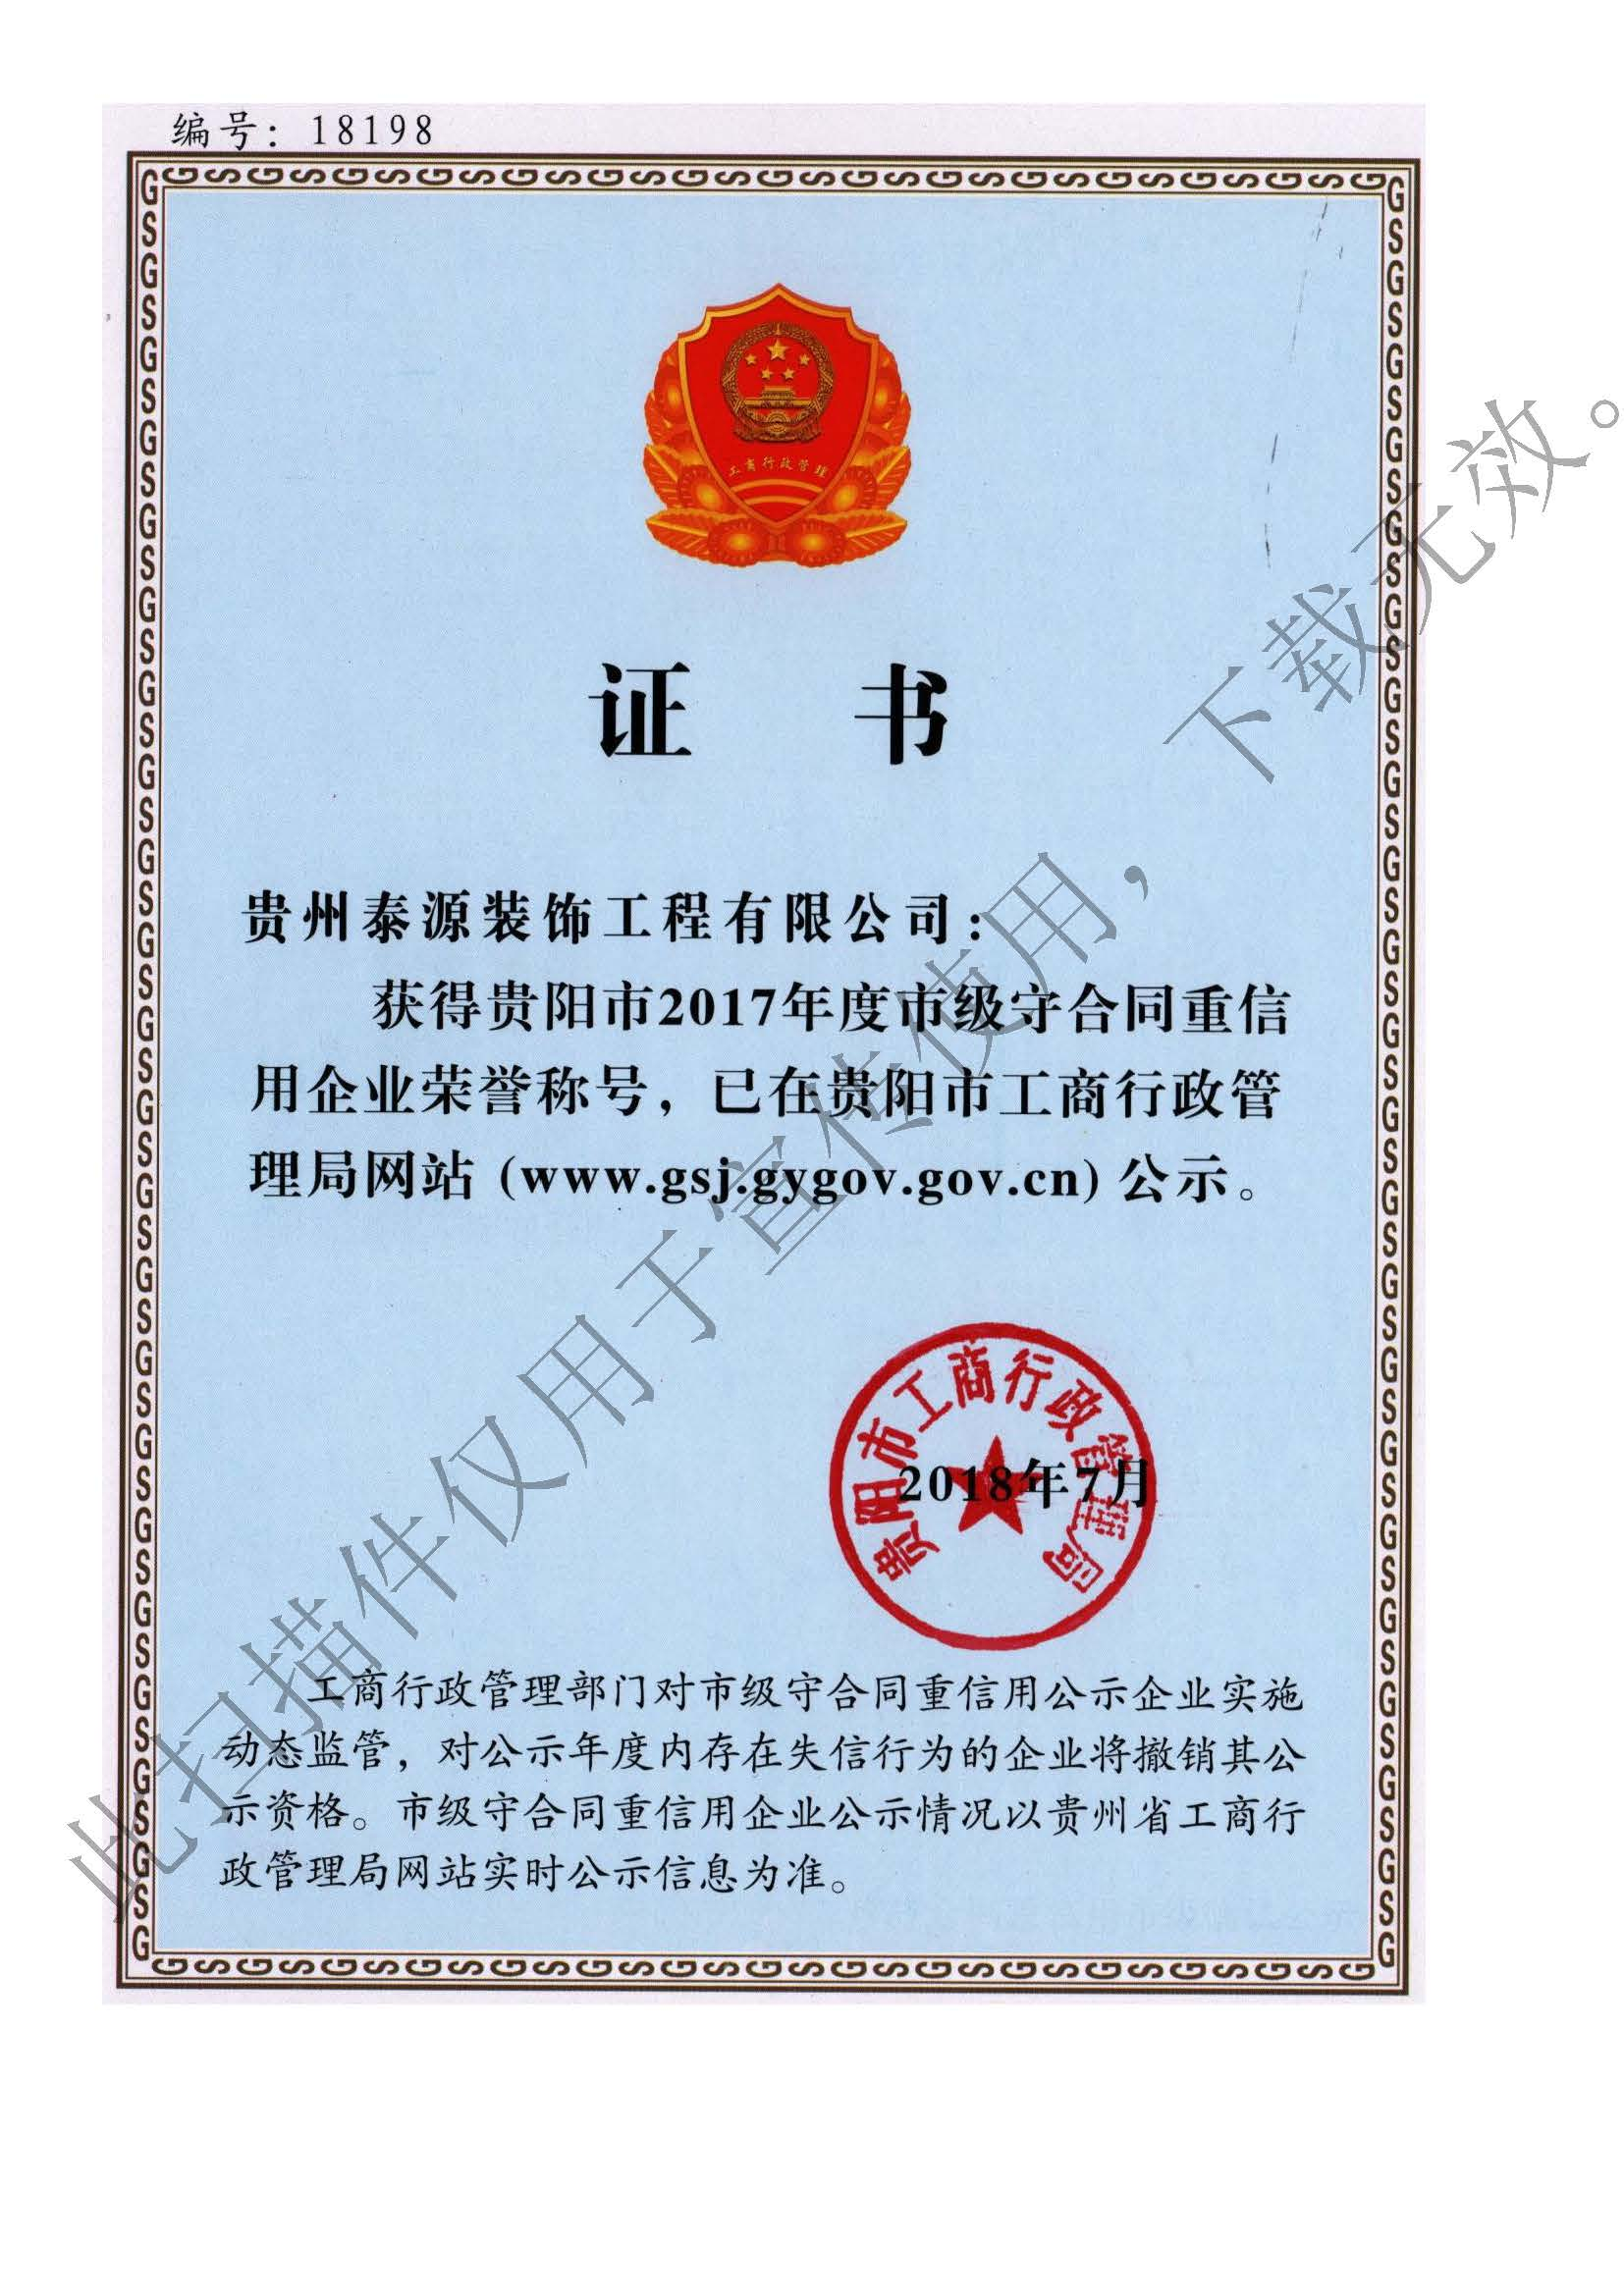 荣获贵阳市2017年度市级守合同重信用企业荣誉称号